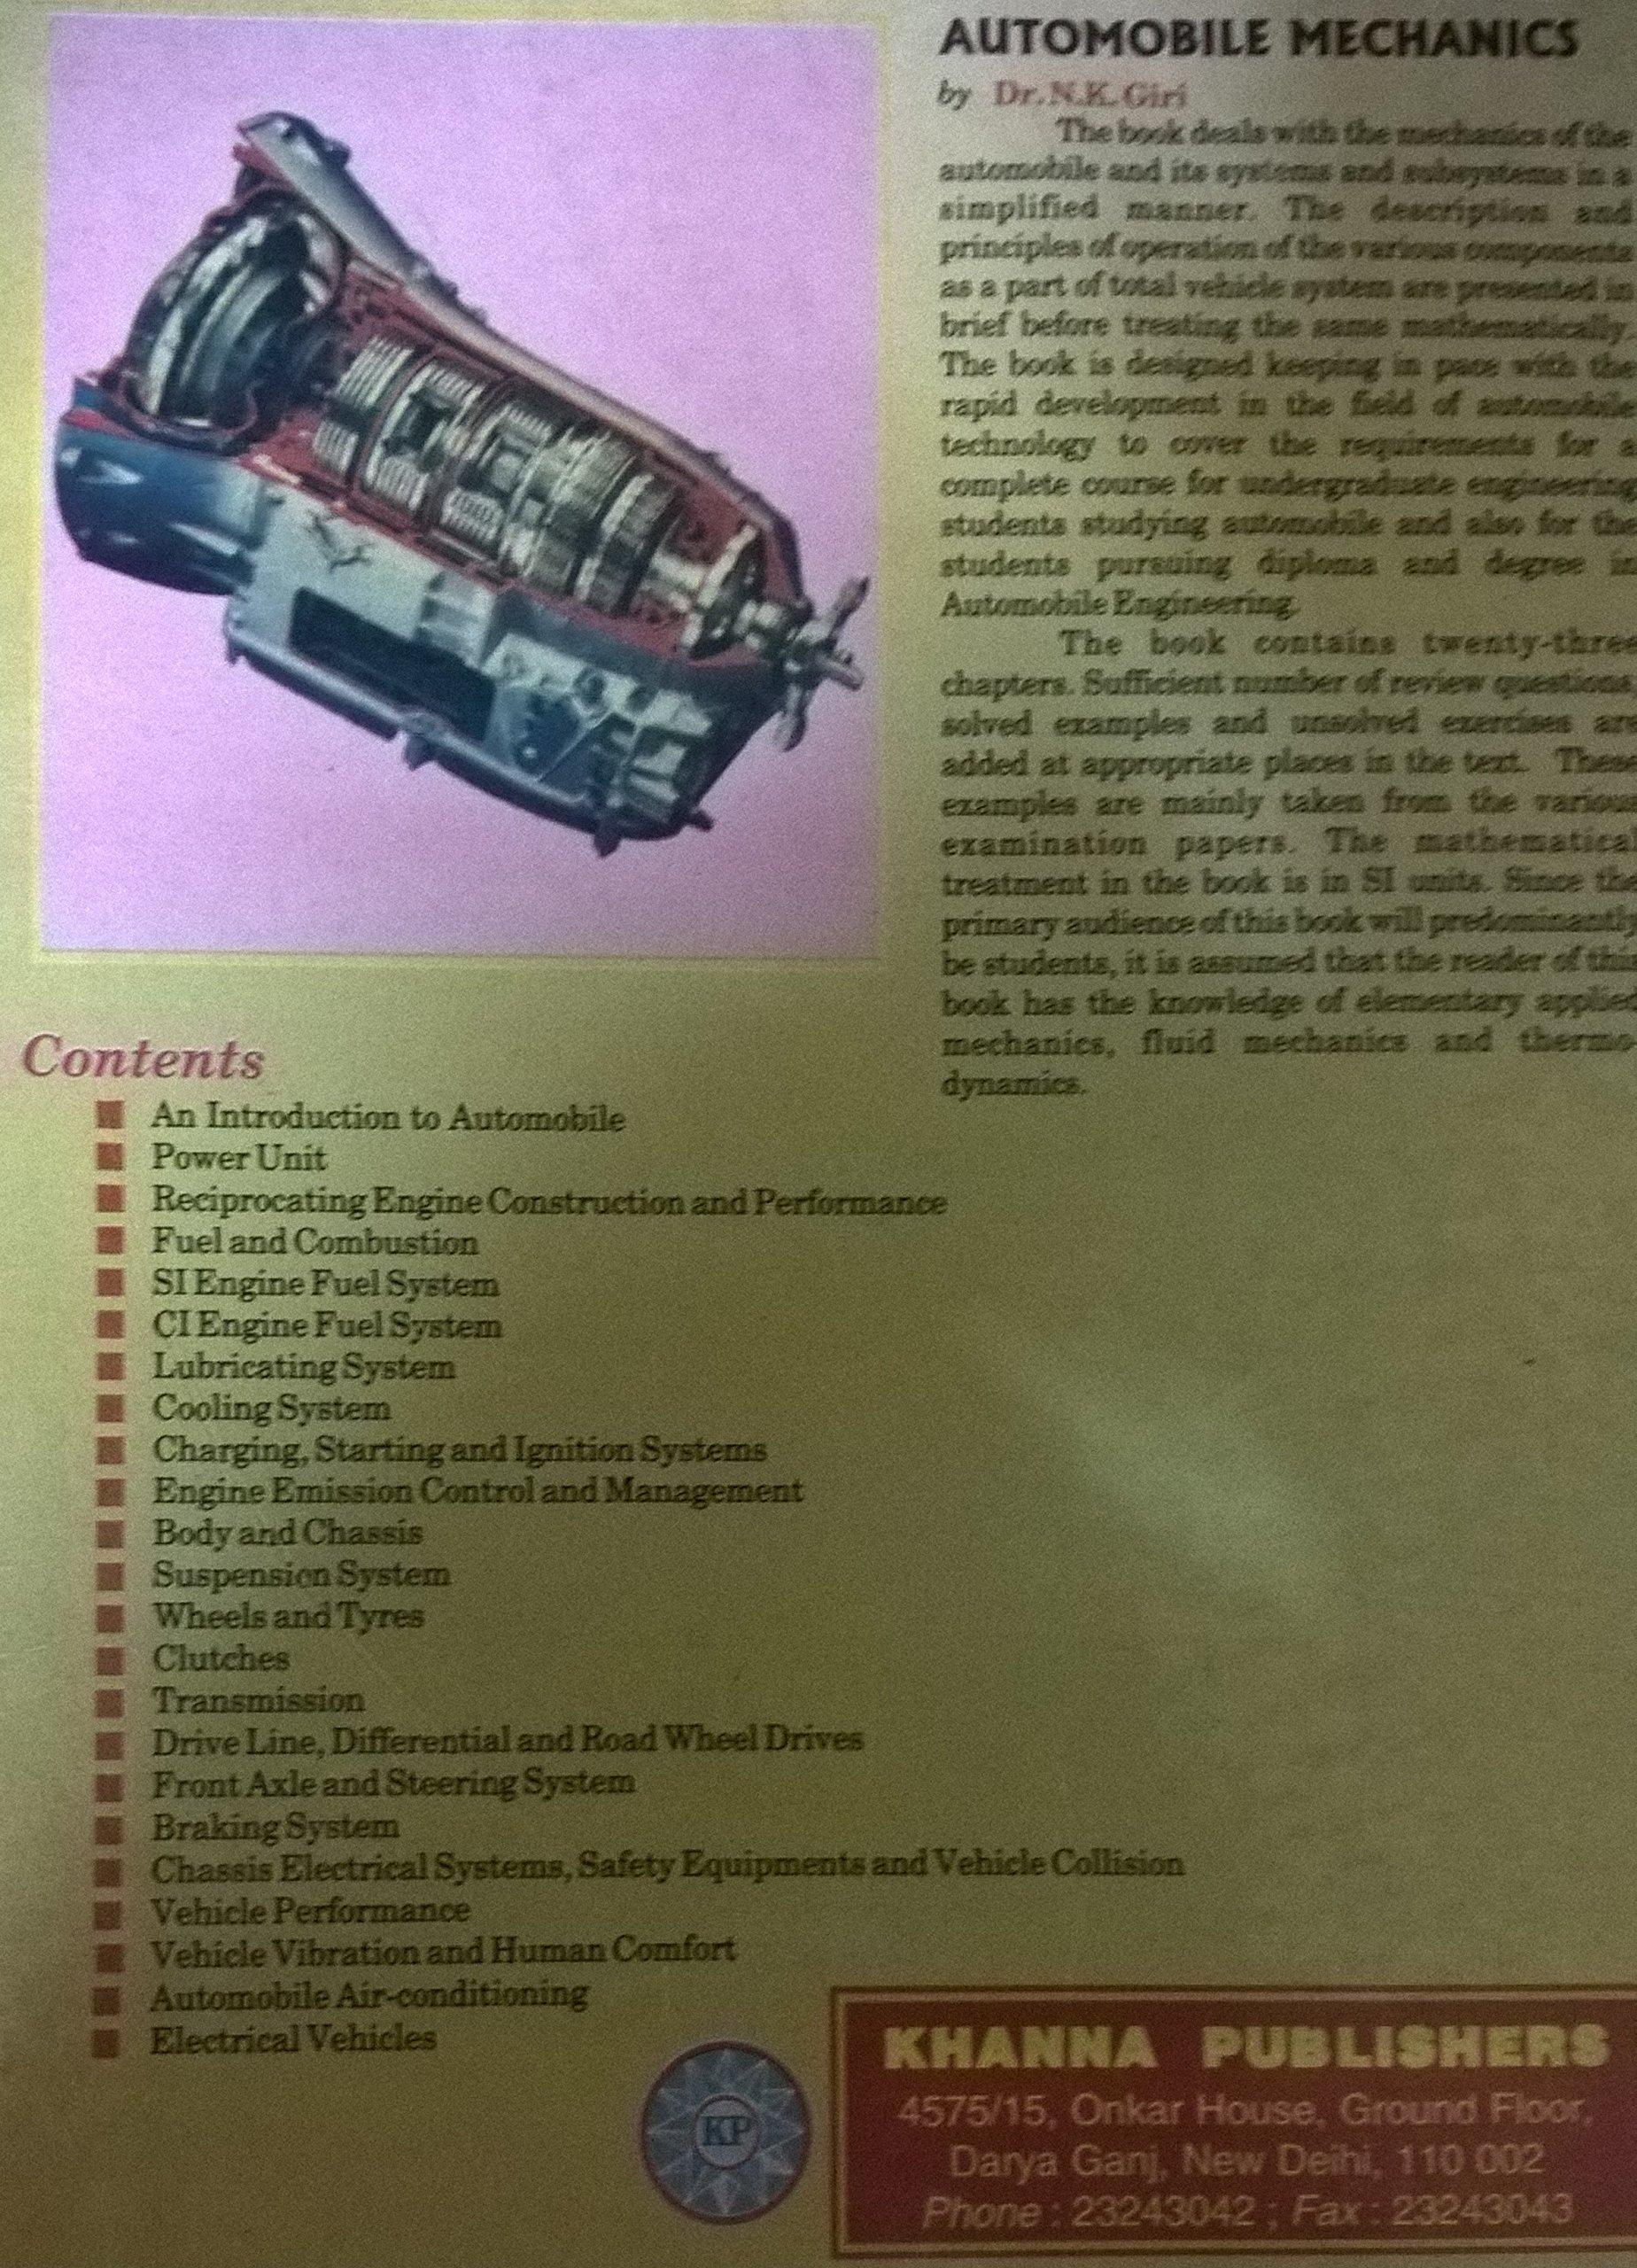 by n k giri pdf Automotive mechanics - WordPress.com